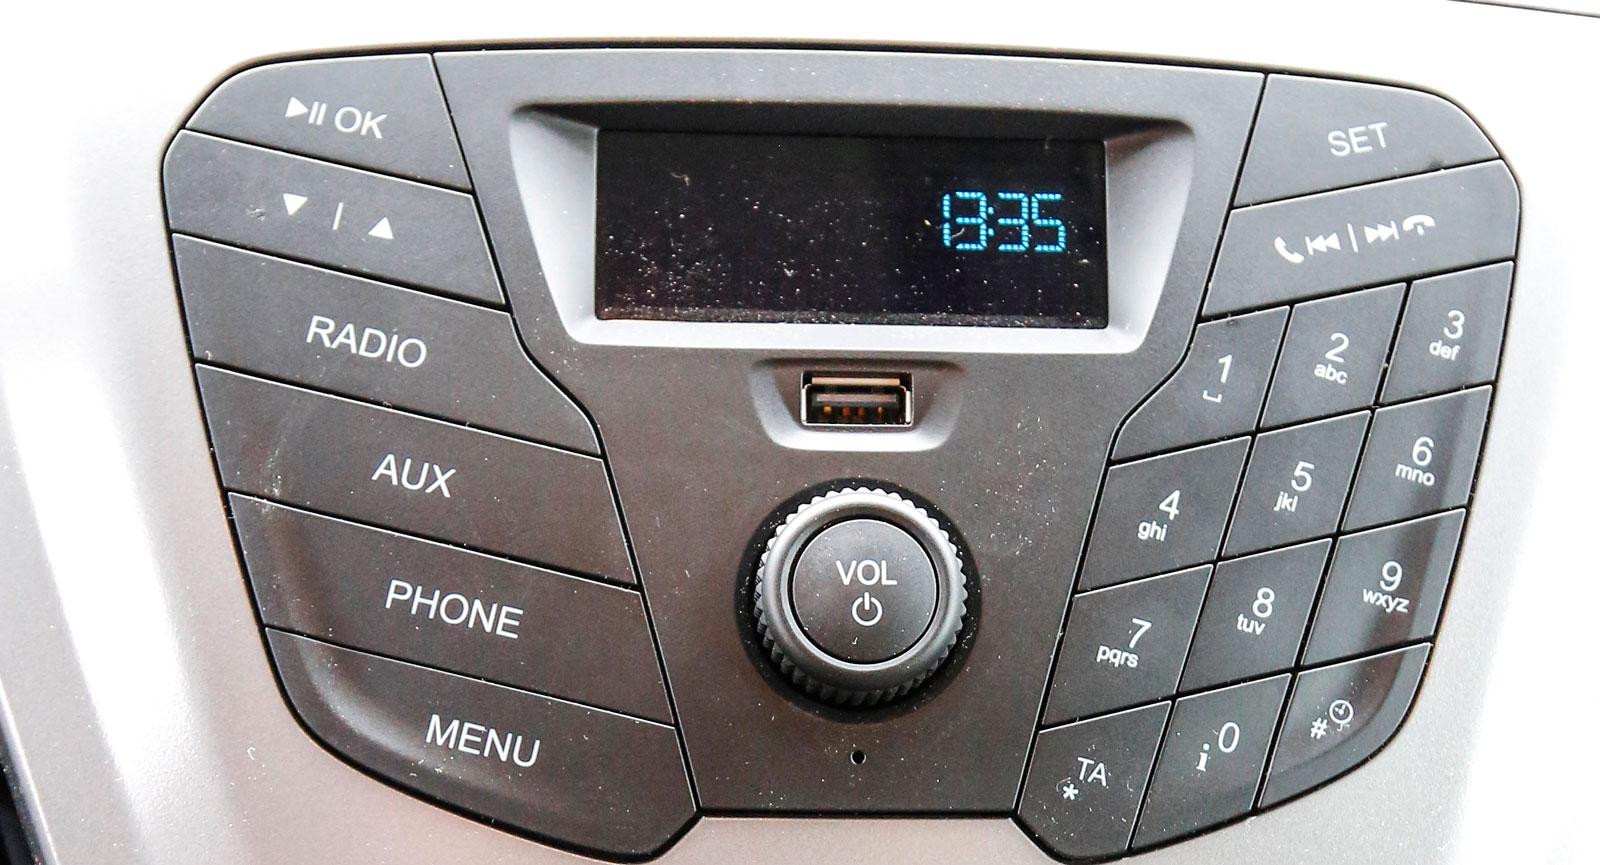 Fords mittkonsol med radio.